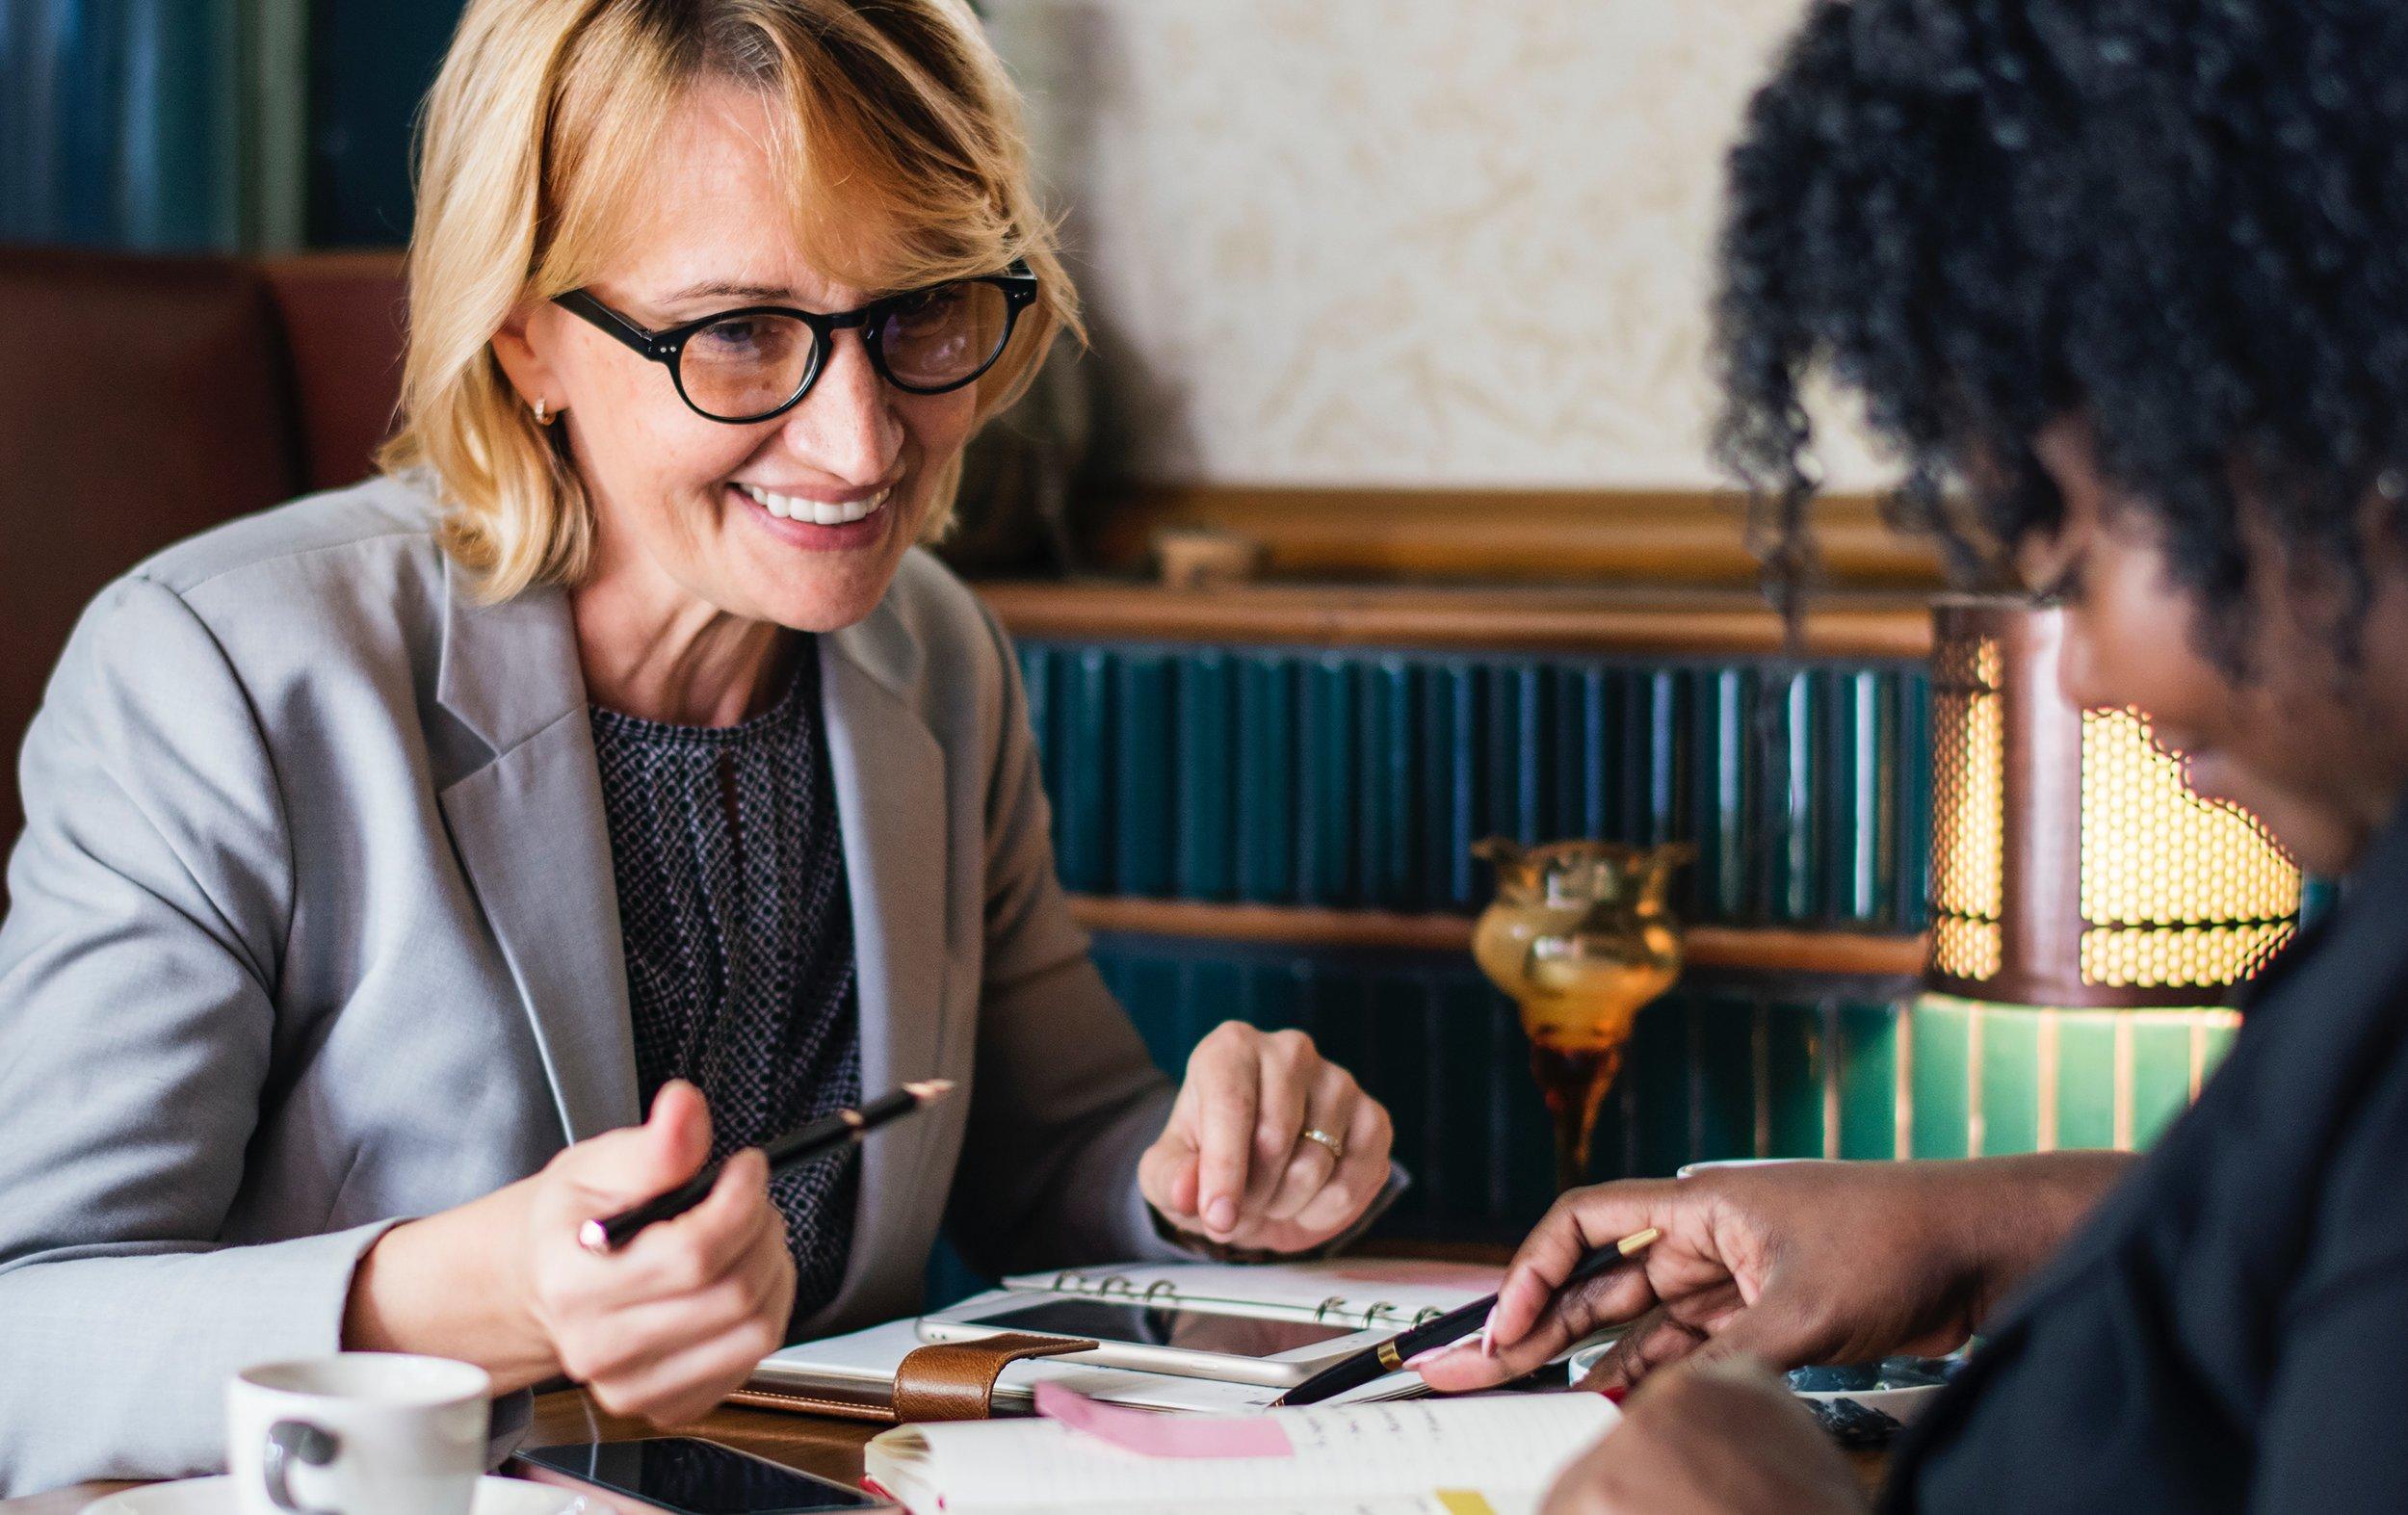 adults-business-businesswomen-1643323.jpg